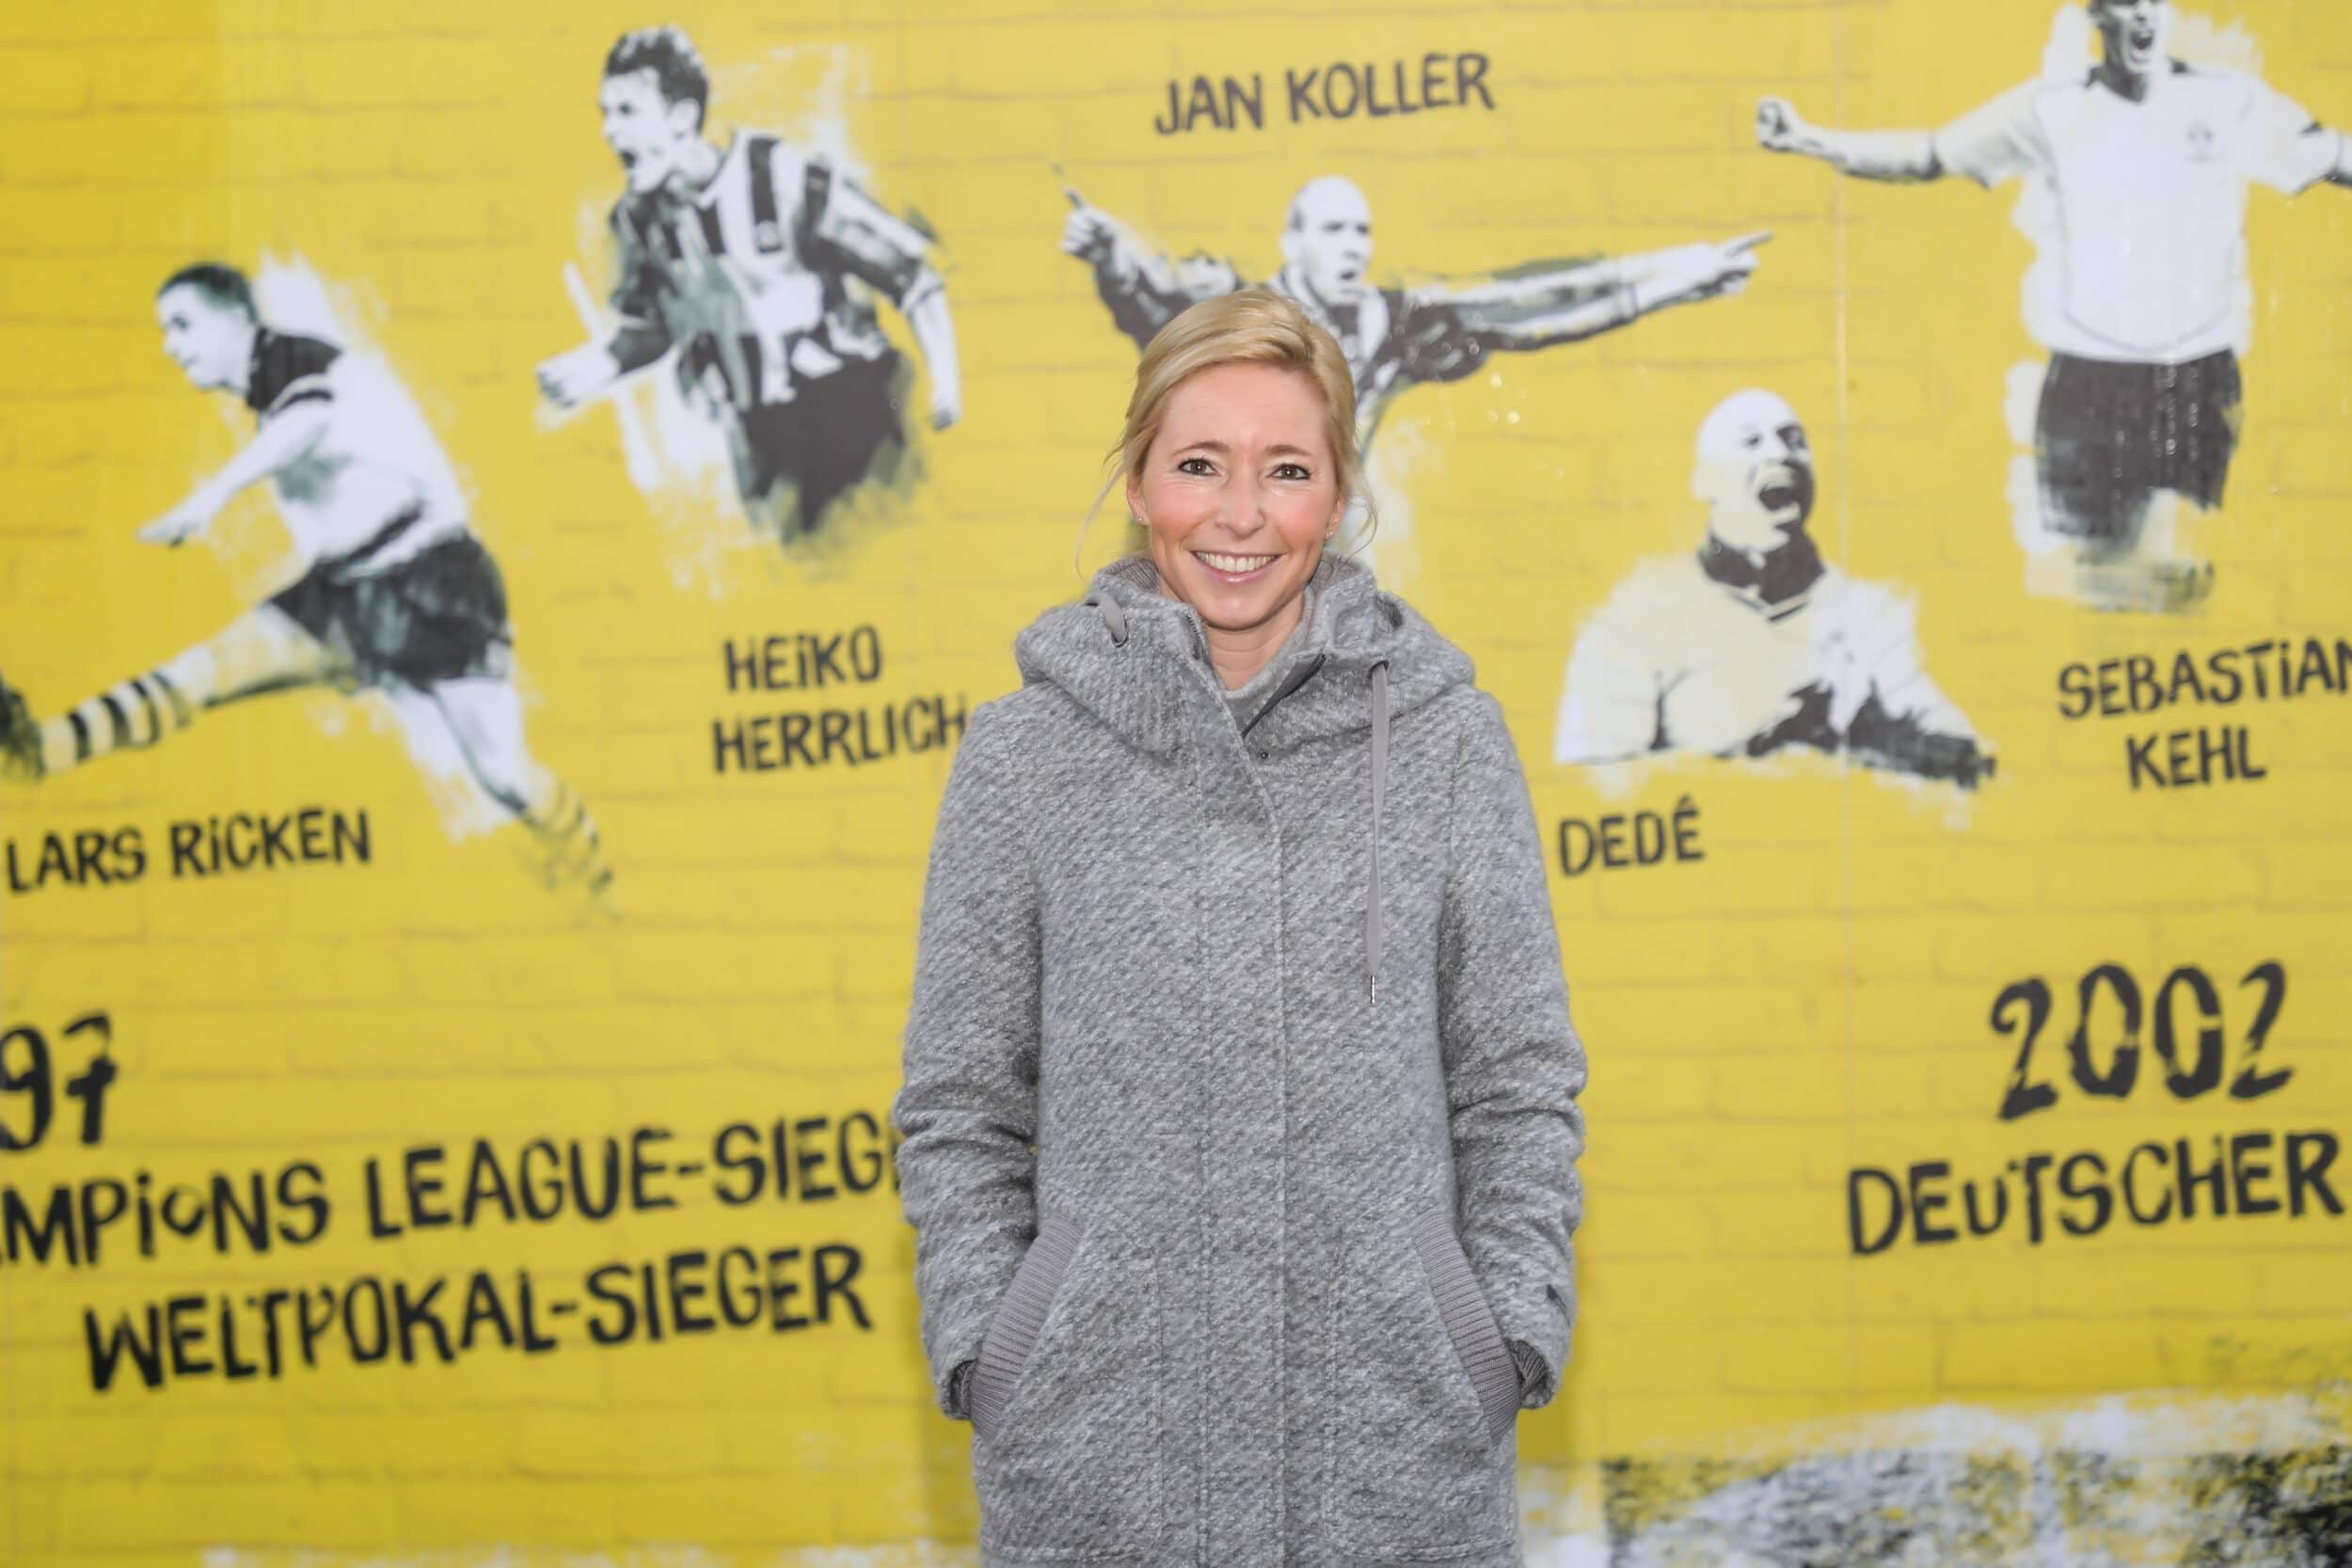 Die Gründung der ersten Frauenfußball-Mannschaft beim BVB steht kurz bevor. – Die IN-StadtMagazine sprachen darüber mit Svenja Schlenker, der Leiterin der Frauenabteilung beim BVB. (Foto: Oliver Schaper/IN-StadtMagazine)